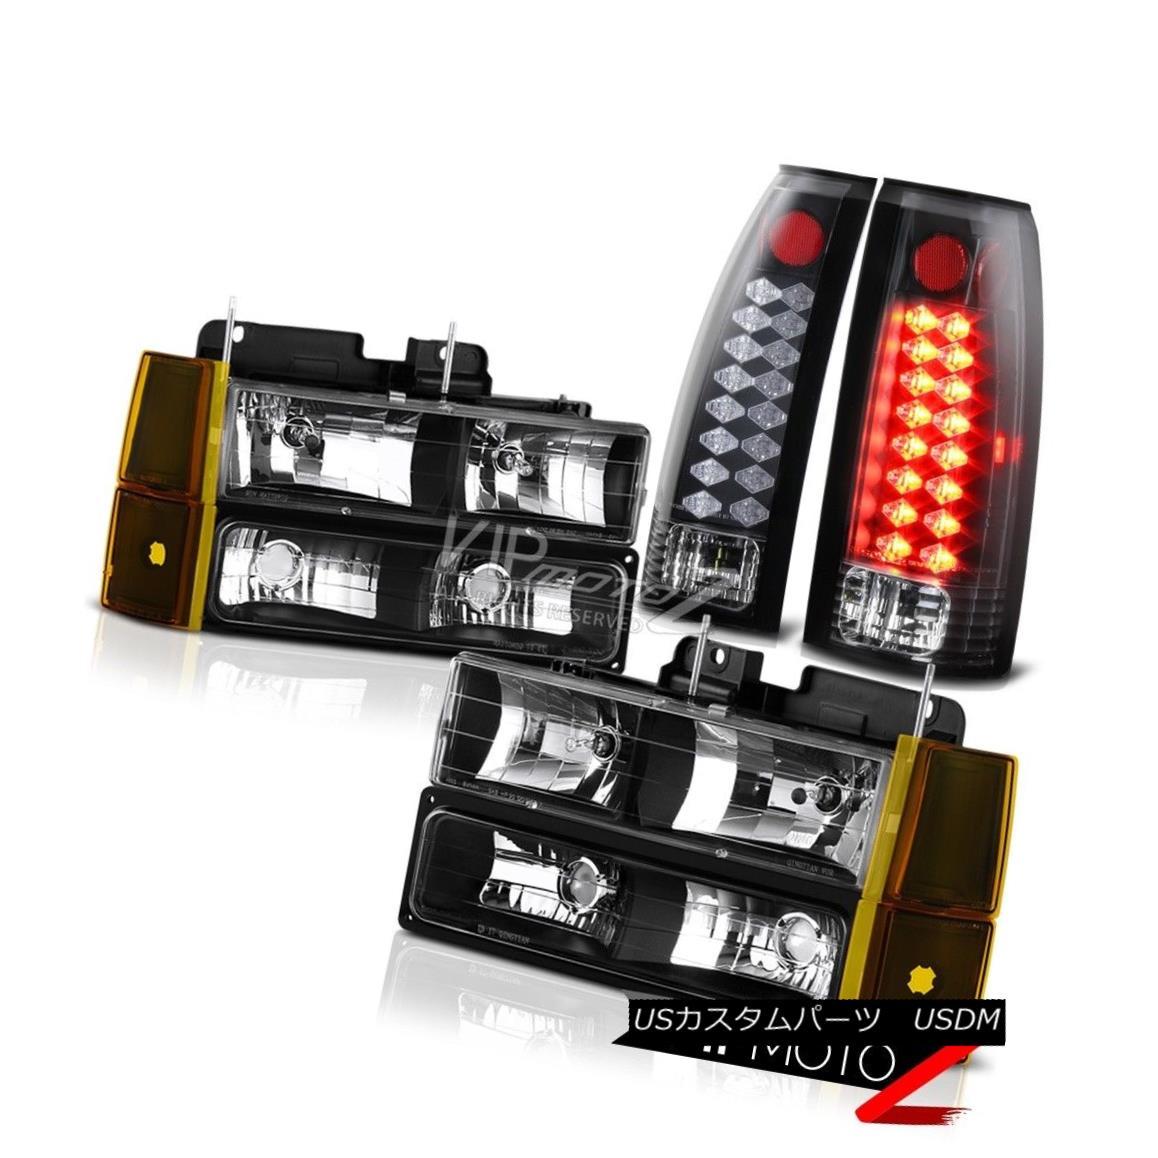 ヘッドライト 94-98 Sierra 3500 Inky Black Tail Lamps Headlamps Corner LED SMD